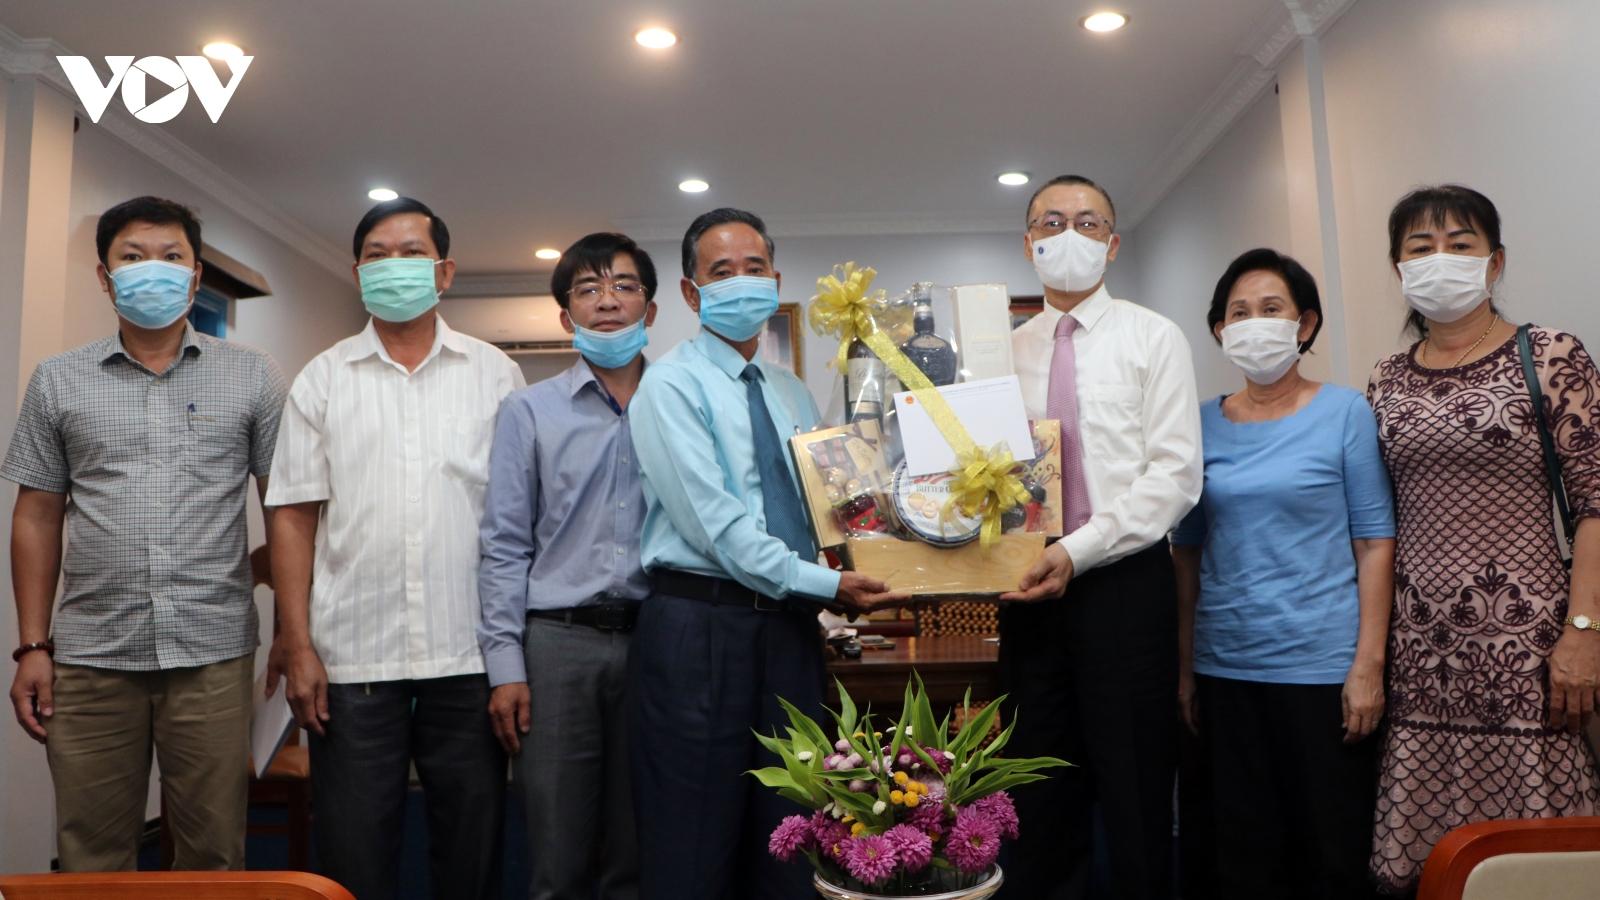 Đại sứ Vũ Quang Minh chúc tết Chol Chnam Thmey cộng đồng người gốc Việt tại Campuchia